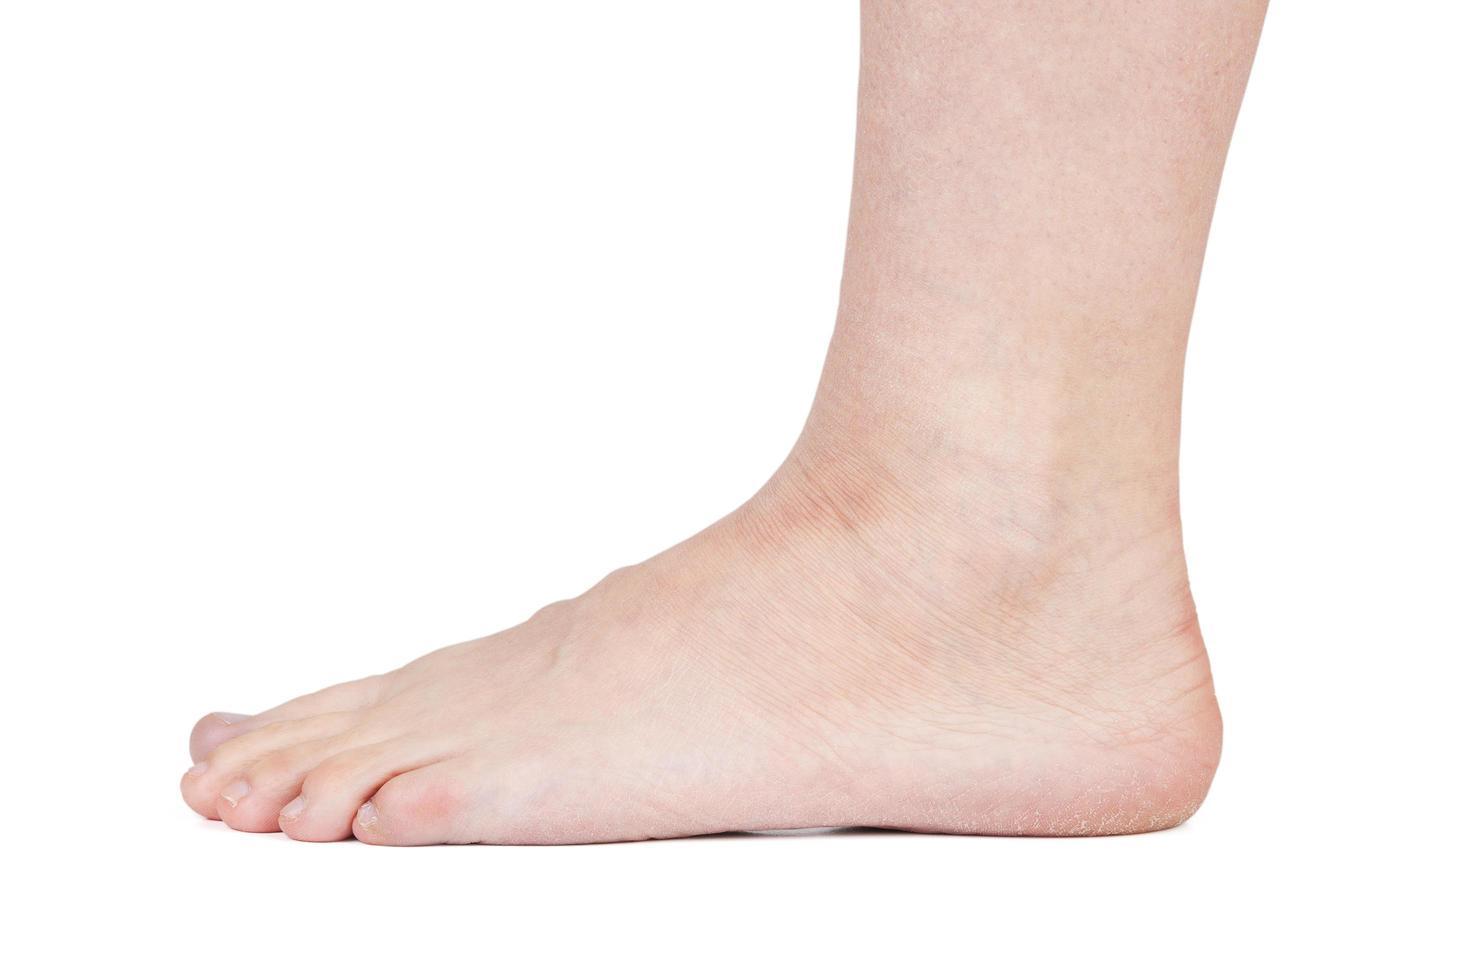 voet van man met droge huid op een witte achtergrond foto